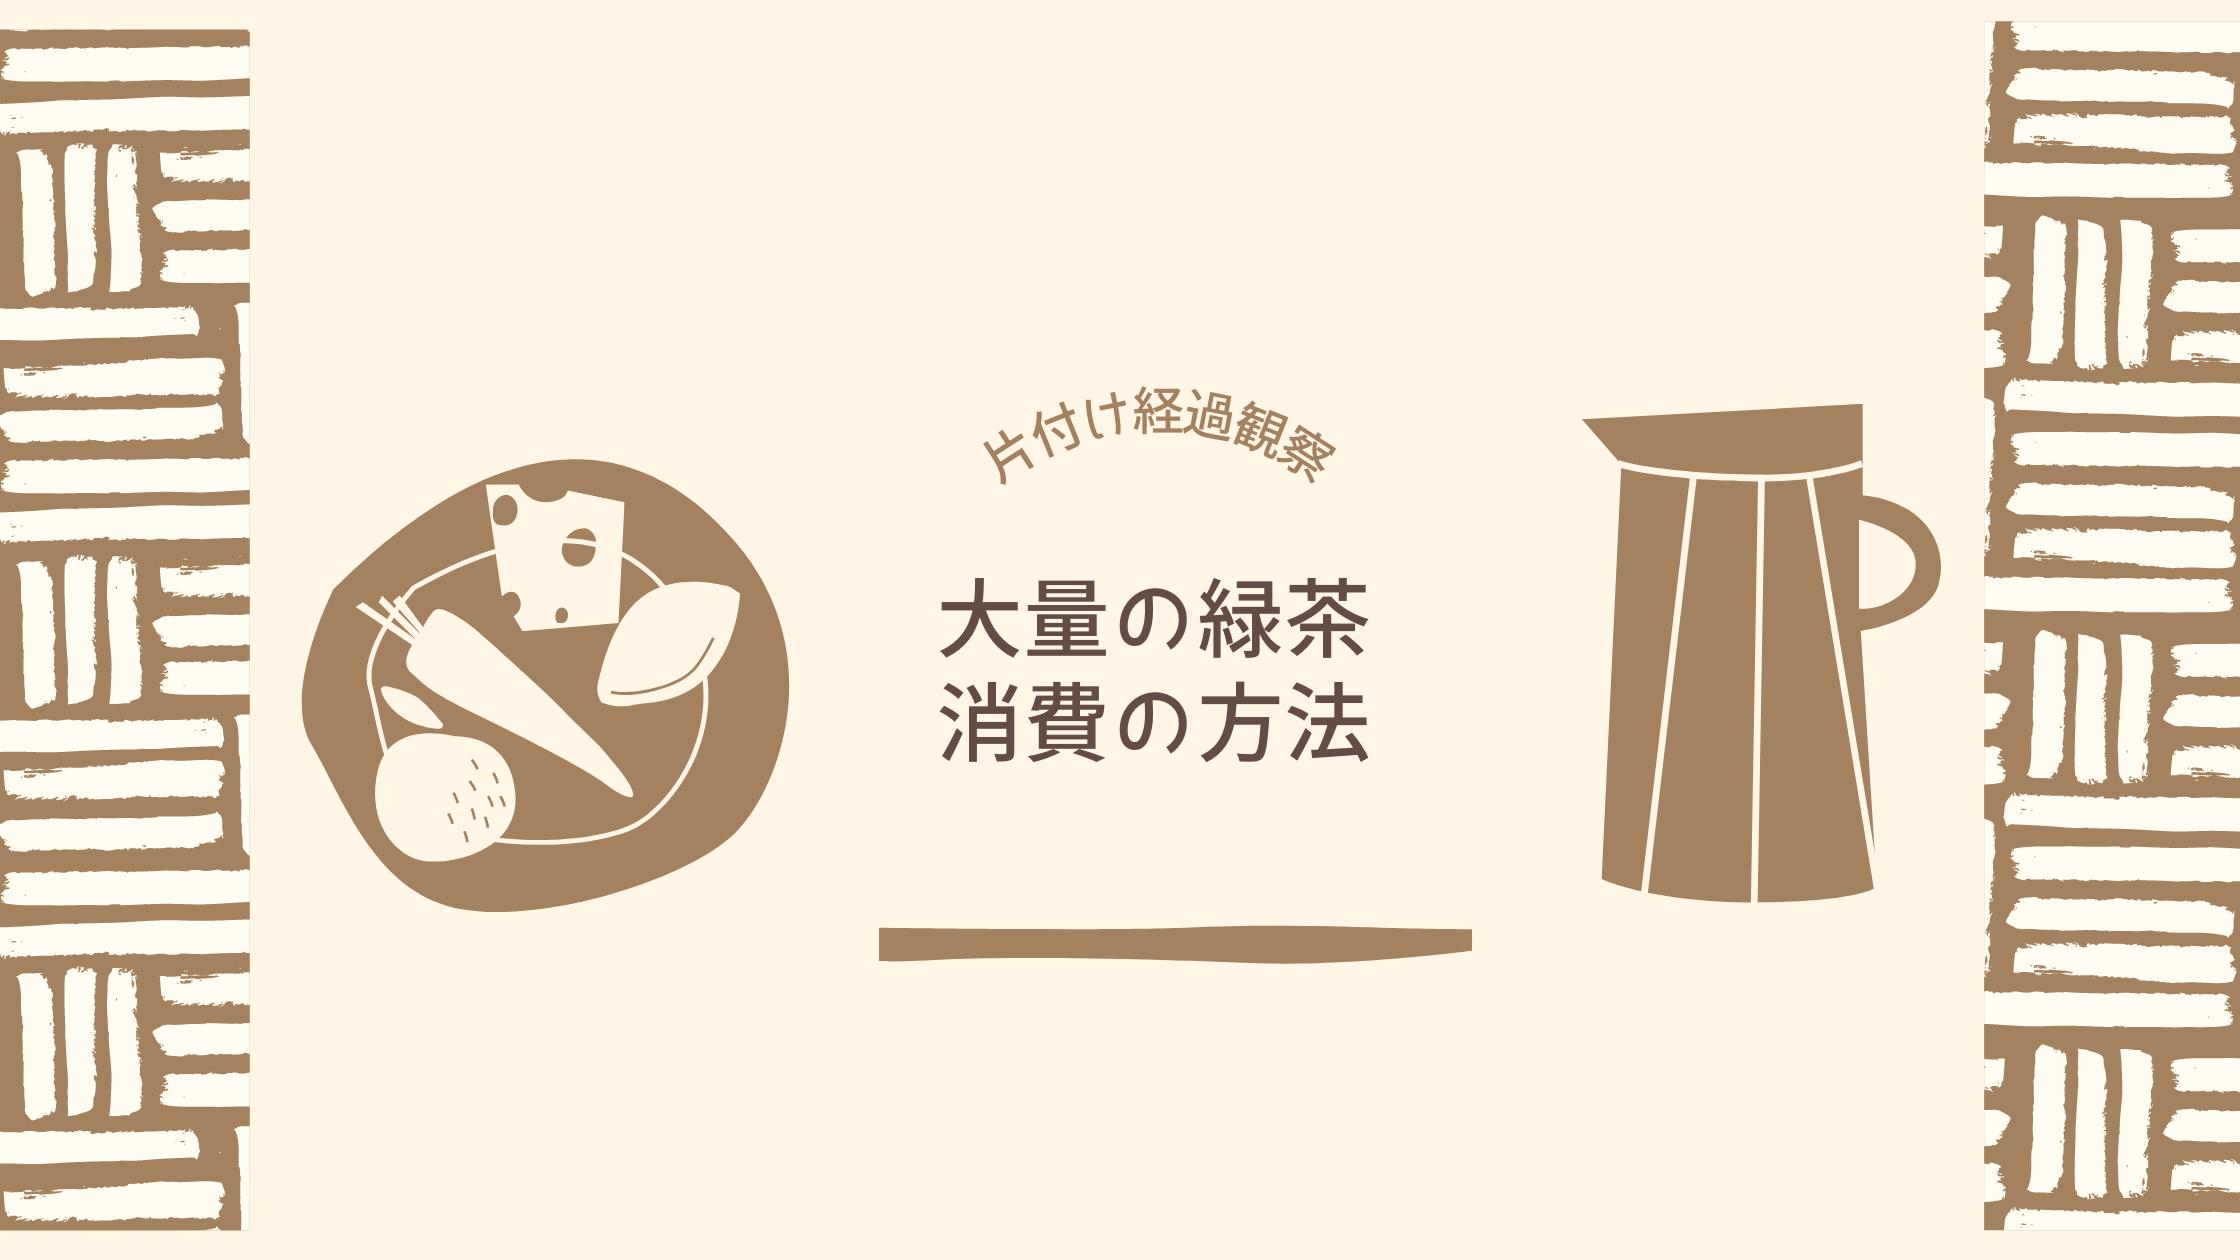 【片付け経過観察】大量の緑茶消費の方法